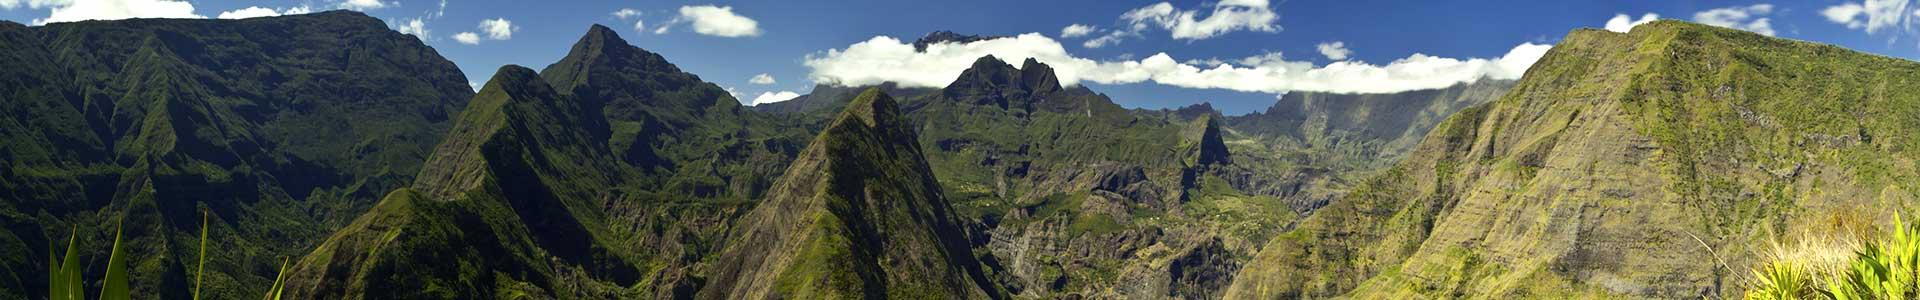 Voyage à La Réunion - TUI